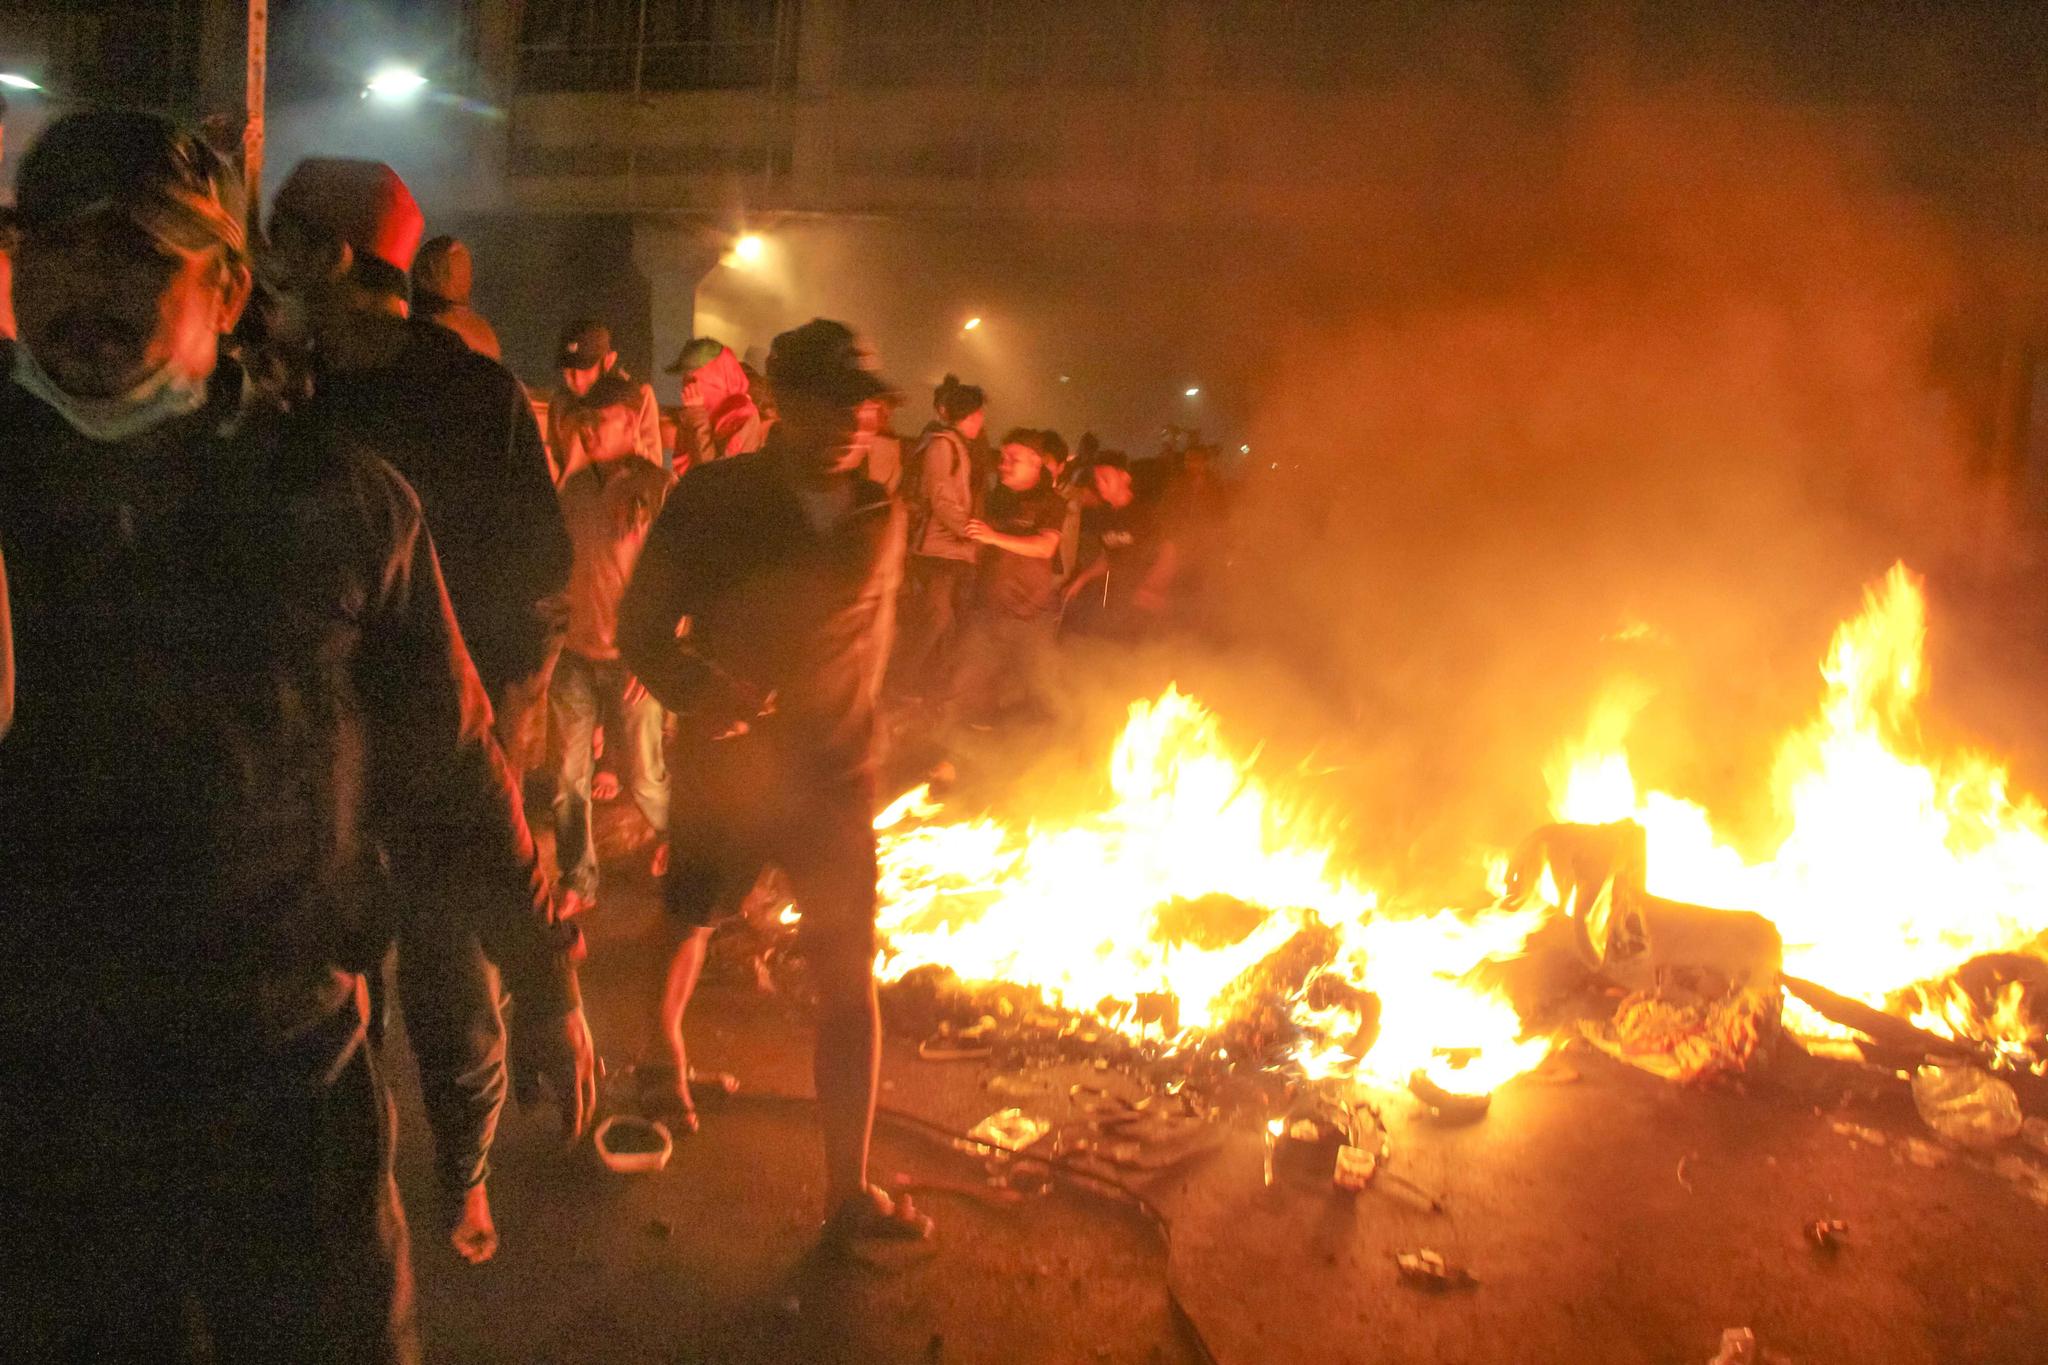 인도네시아 대선 불복 시위대가 22일(현지시간) 자카르타 선거감독위원회 인근에서 나무 좌판을 불태우고 있다. [AFP=연합뉴스]